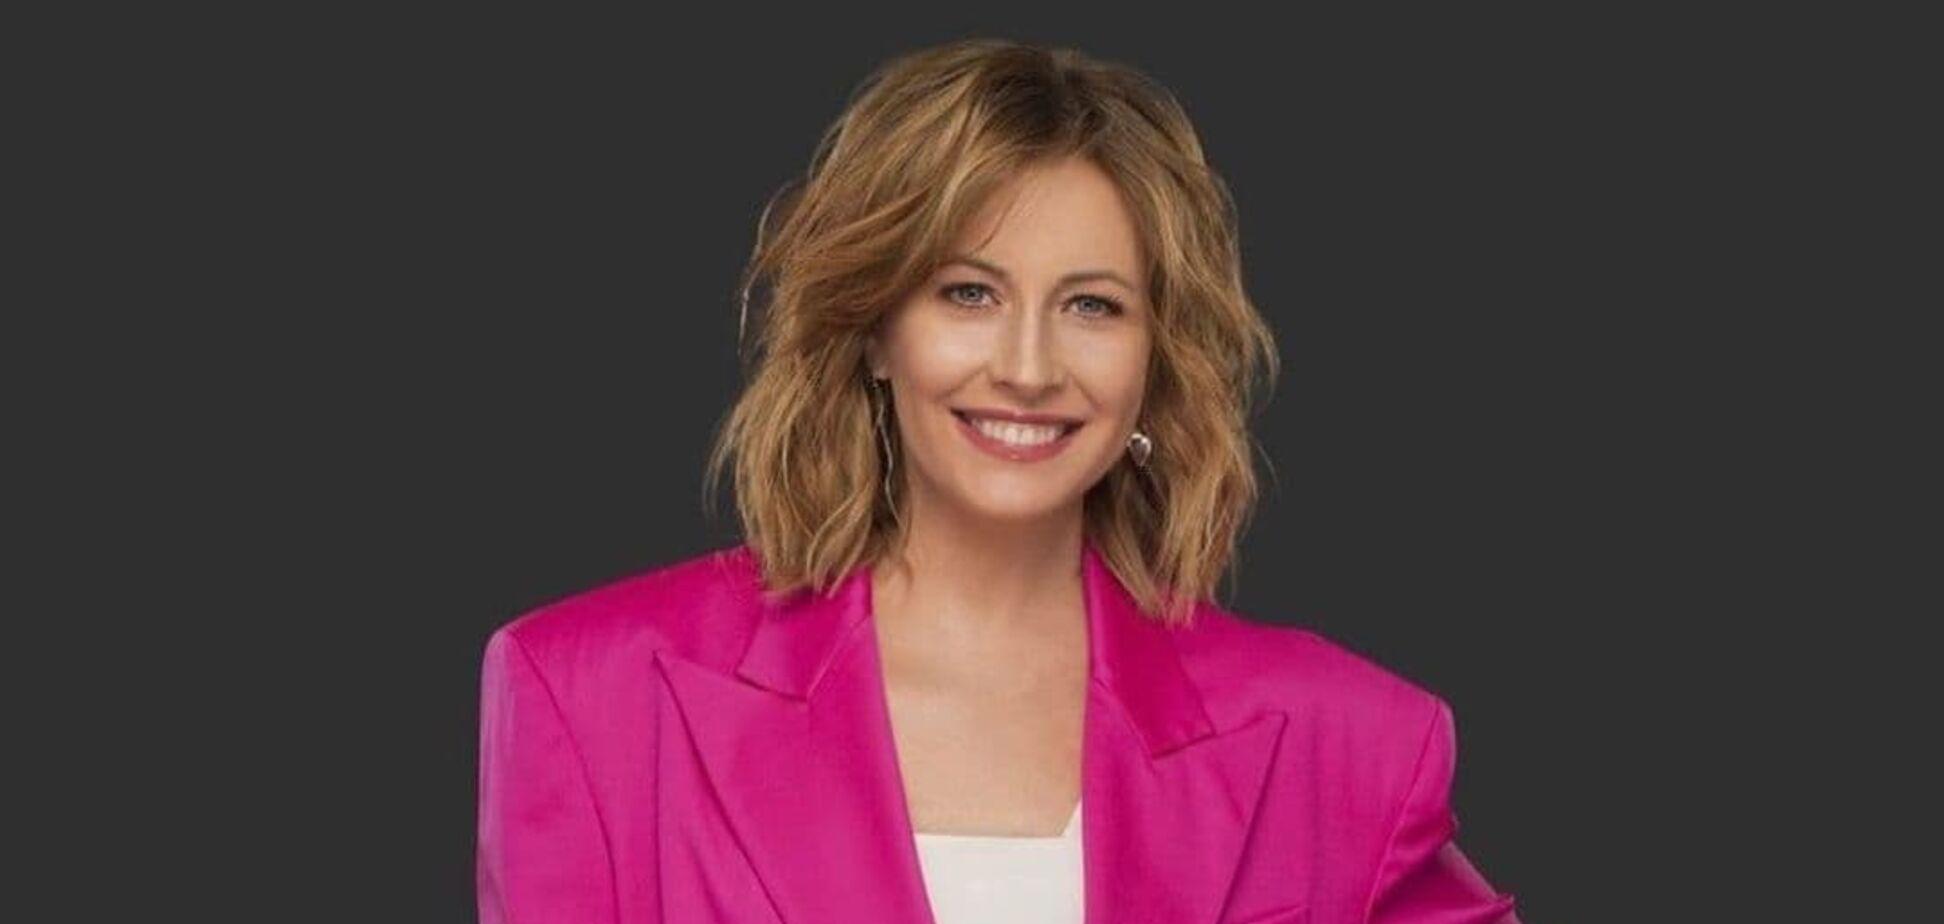 Олена Кравець похвалилася новою зачіскою